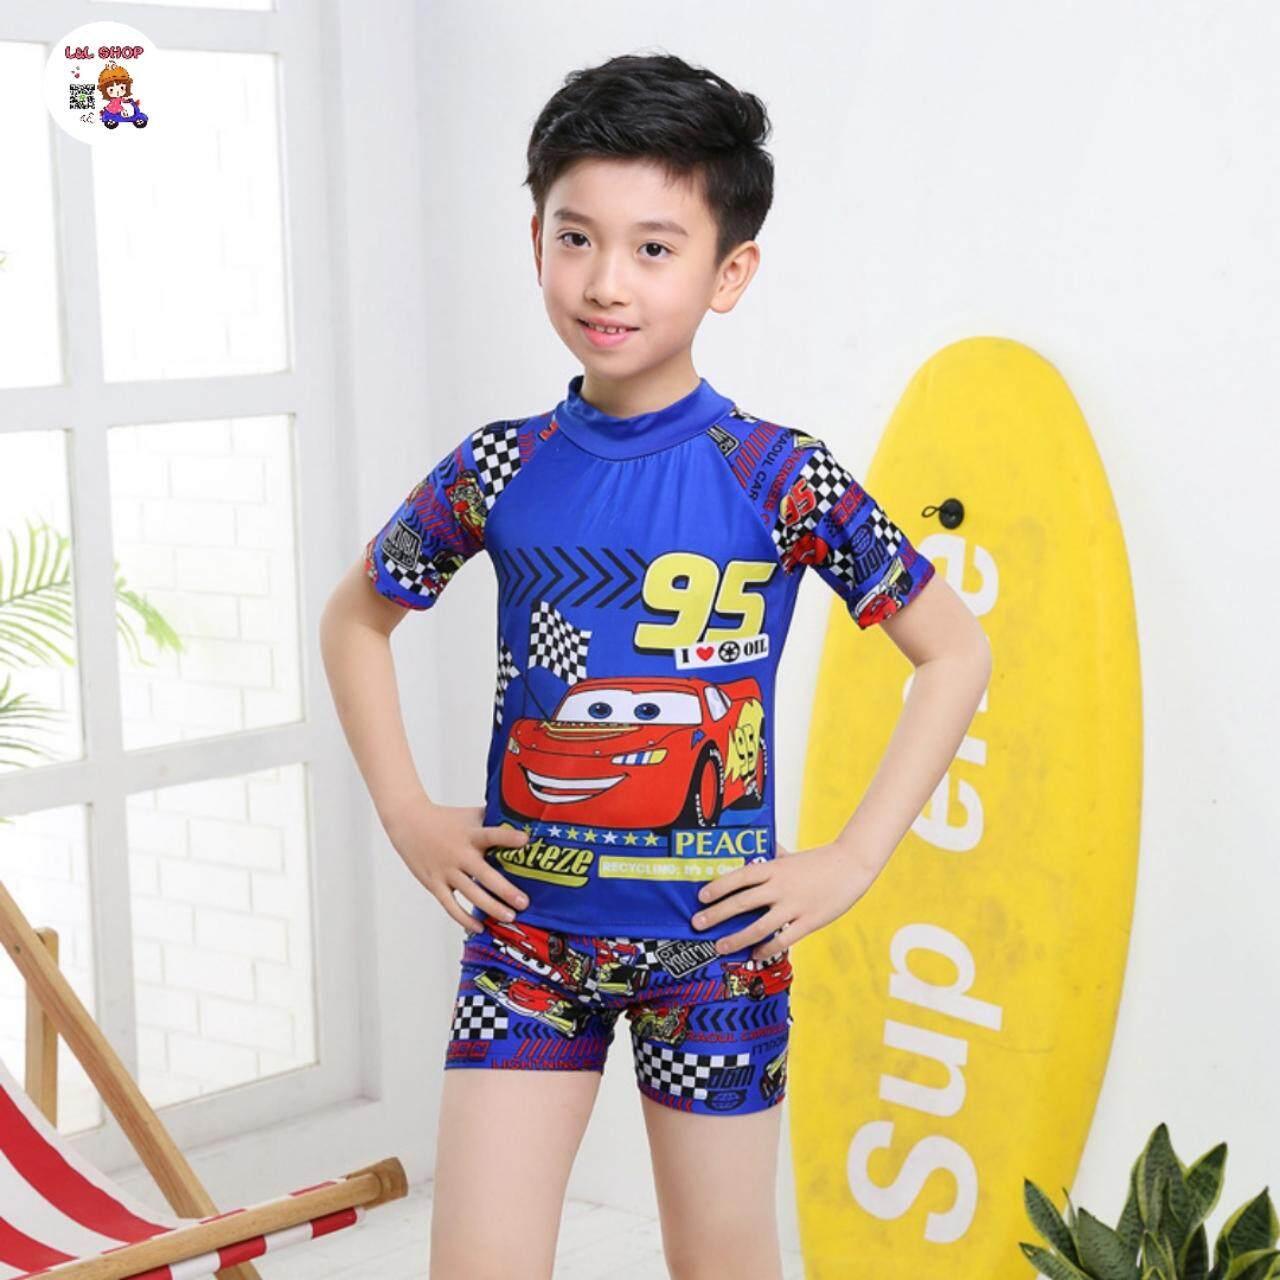 L&l Shop ชุดว่ายน้ำเด็กชาย เซต2 ชิ้น เสื้อแขนสั้น+กางเกงขาสั้น  .